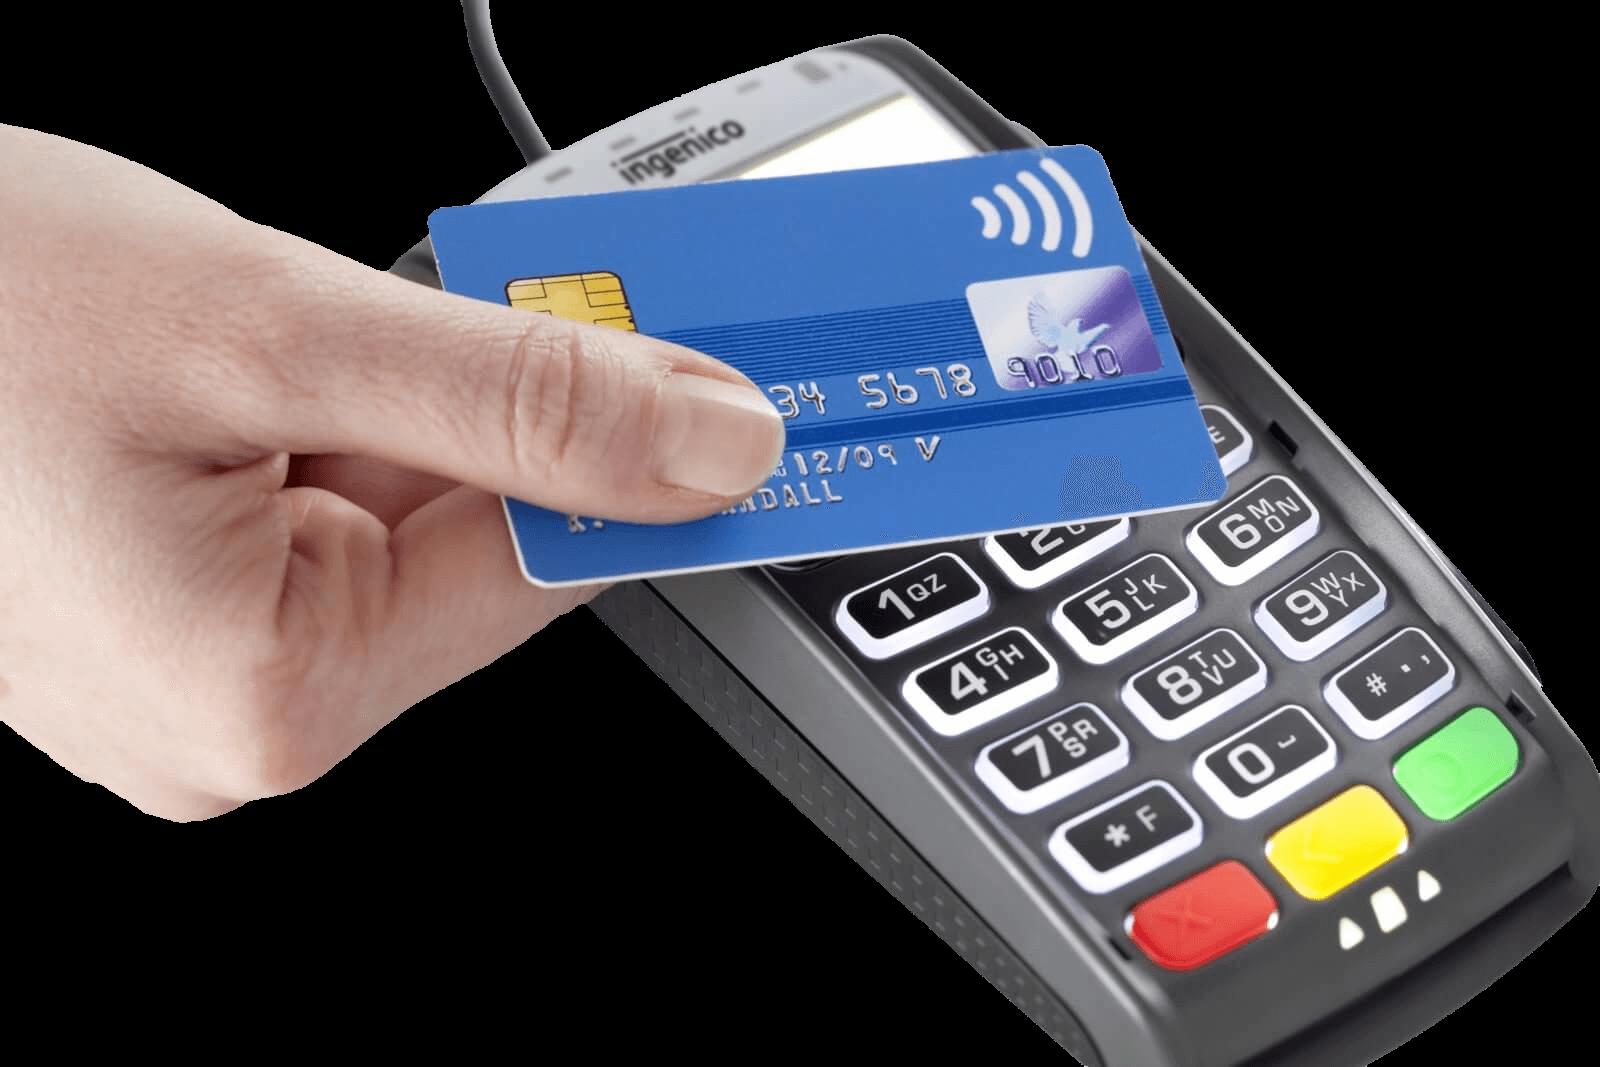 Terminal płatniczy - Paytel płatności zblizeniowe